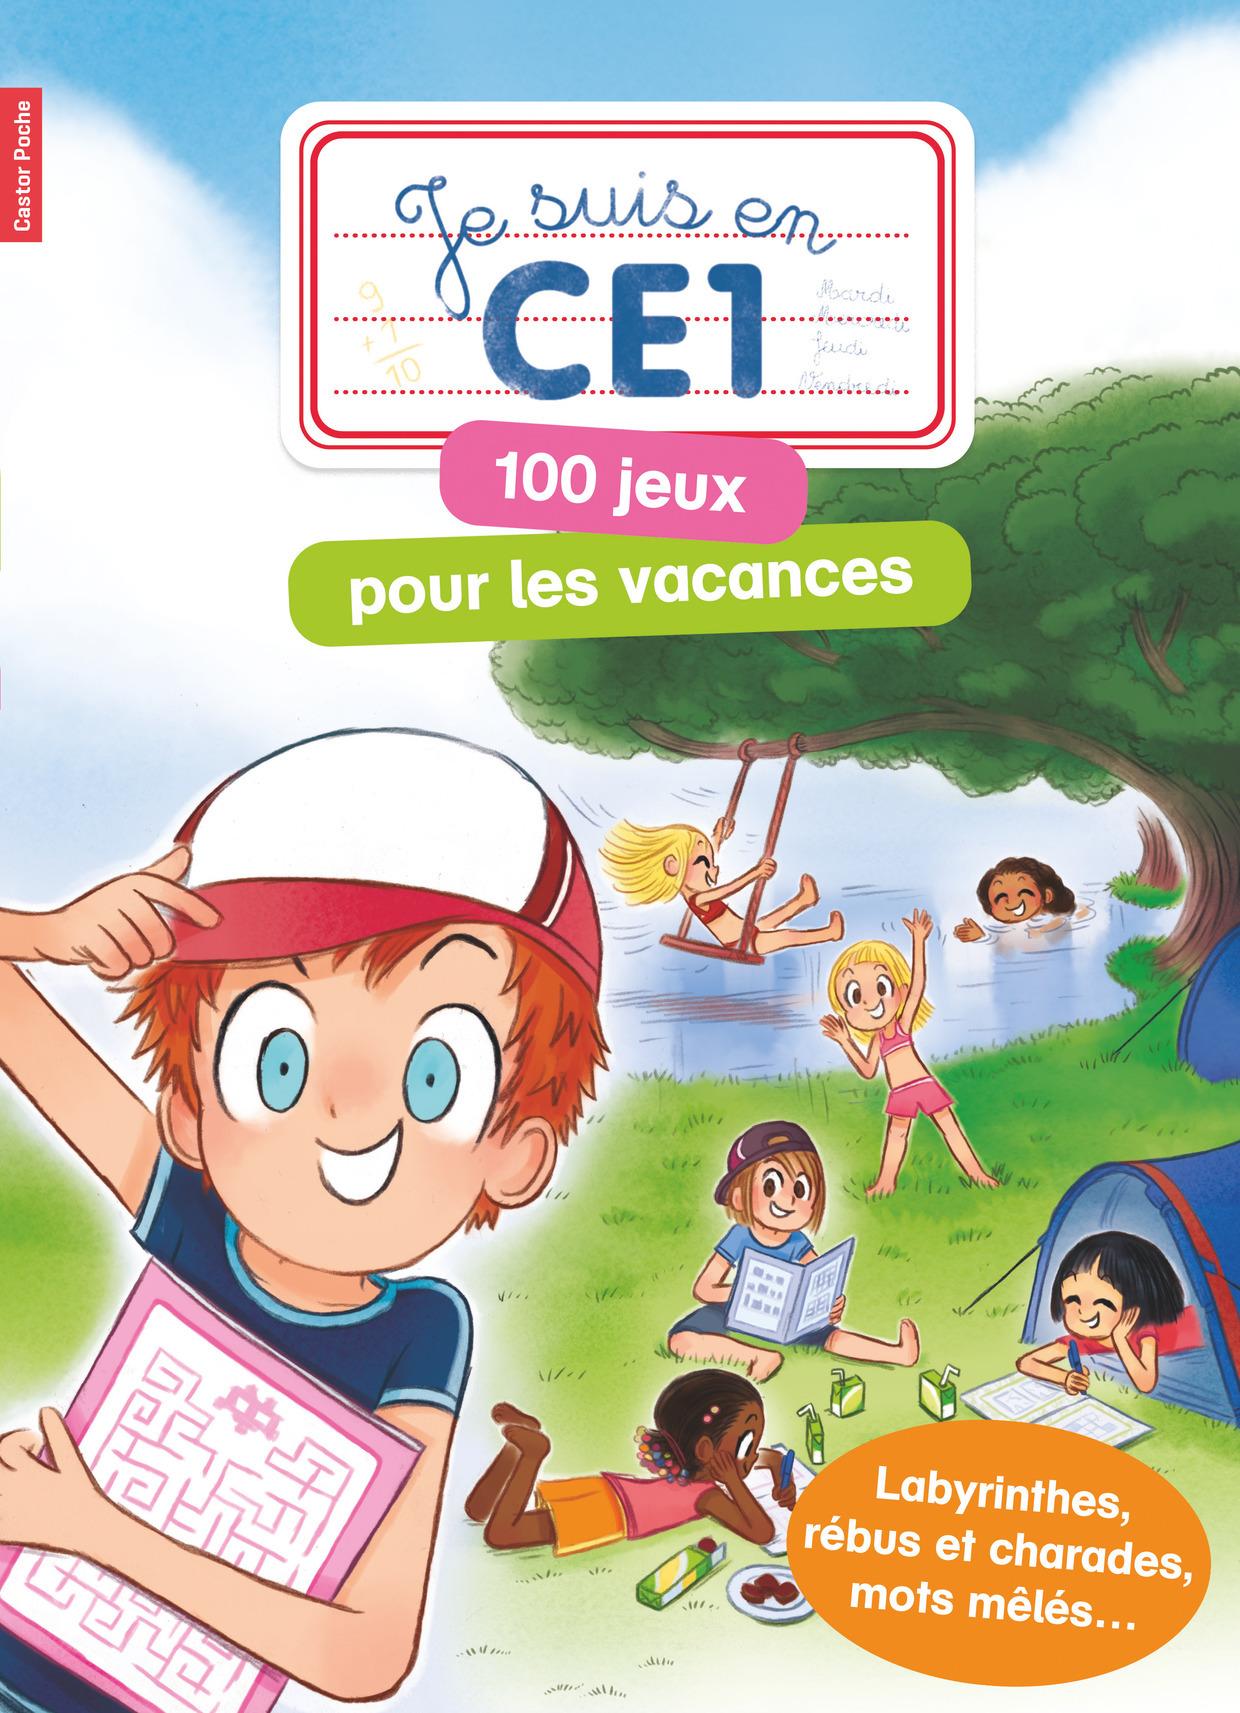 JE SUIS EN CE1 - 100 JEUX POUR LES VACANCES